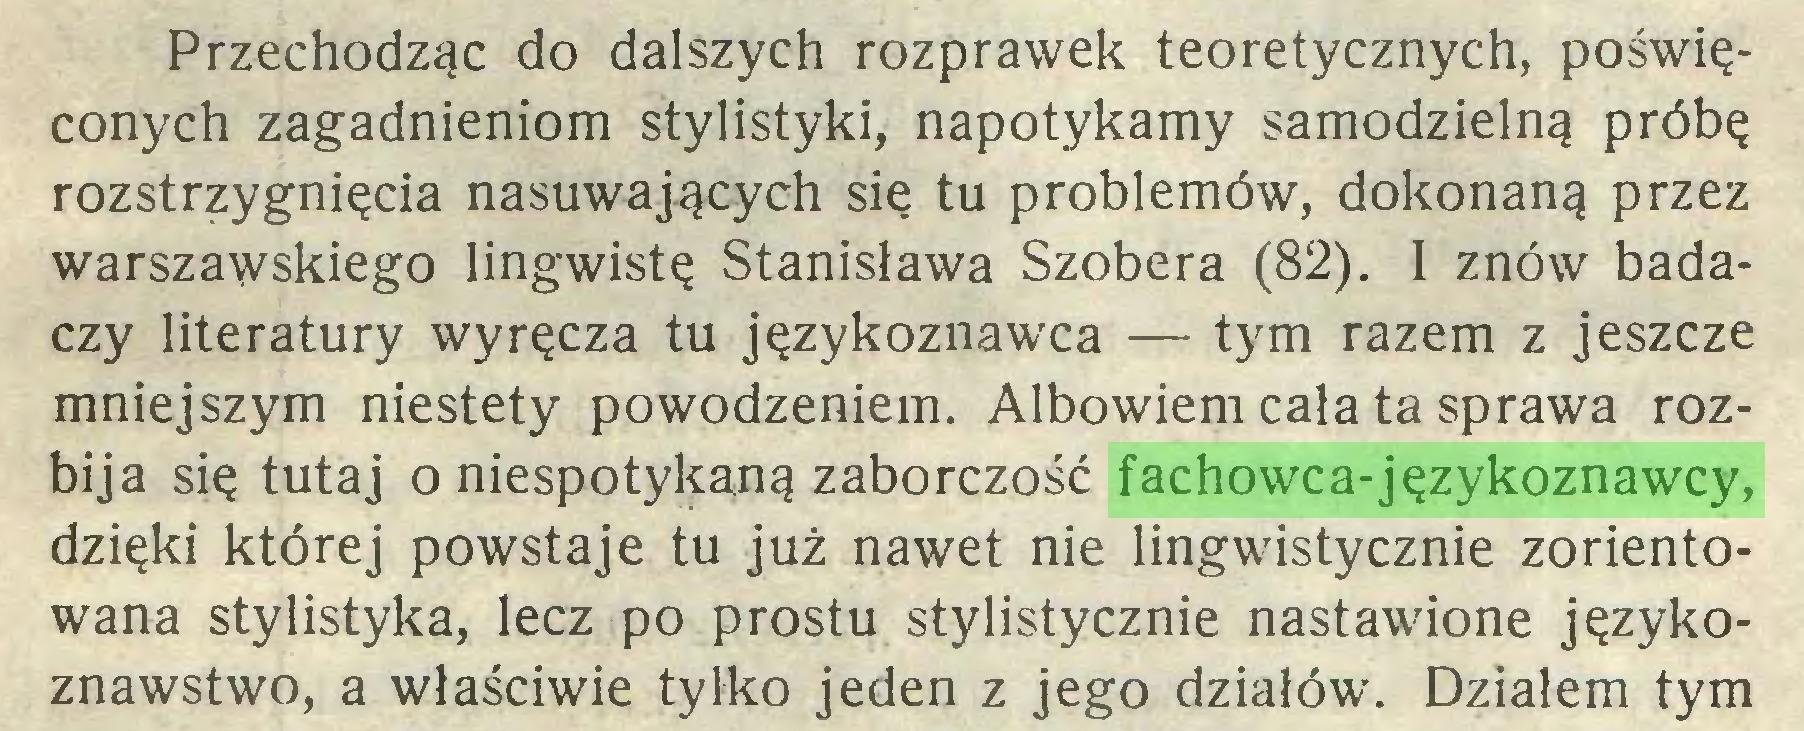 (...) Przechodząc do dalszych rozprawek teoretycznych, poświęconych zagadnieniom stylistyki, napotykamy samodzielną próbę rozstrzygnięcia nasuwających się tu problemów, dokonaną przez warszawskiego lingwistę Stanisława Szobera (82). I znów badaczy literatury wyręcza tu językoznawca — tym razem z jeszcze mniejszym niestety powodzeniem. Albowiem cała ta sprawa rozbija się tutaj o niespotykaną zaborczość fachowca-językoznawcy, dzięki której powstaje tu już nawet nie lingwistycznie zorientowana stylistyka, lecz po prostu stylistycznie nastawione językoznawstwo, a właściwie tylko jeden z jego działów. Działem tym...